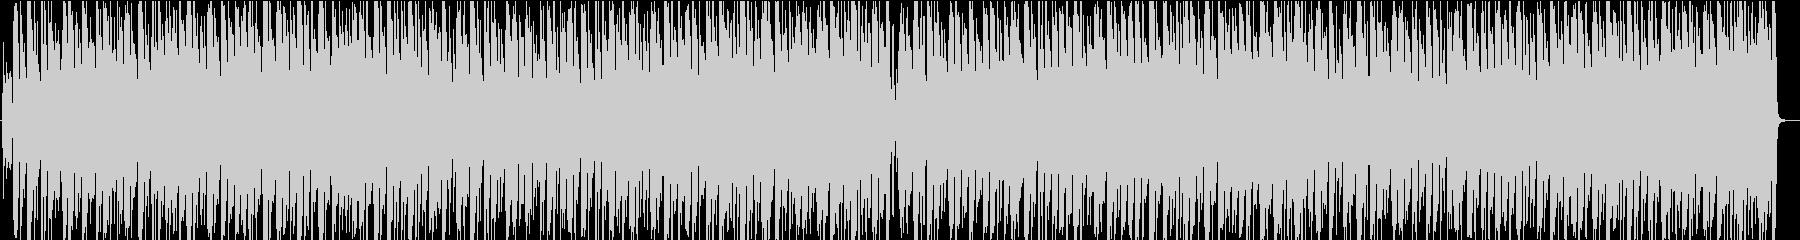 ワイワイ楽しいカントリーBGMの未再生の波形